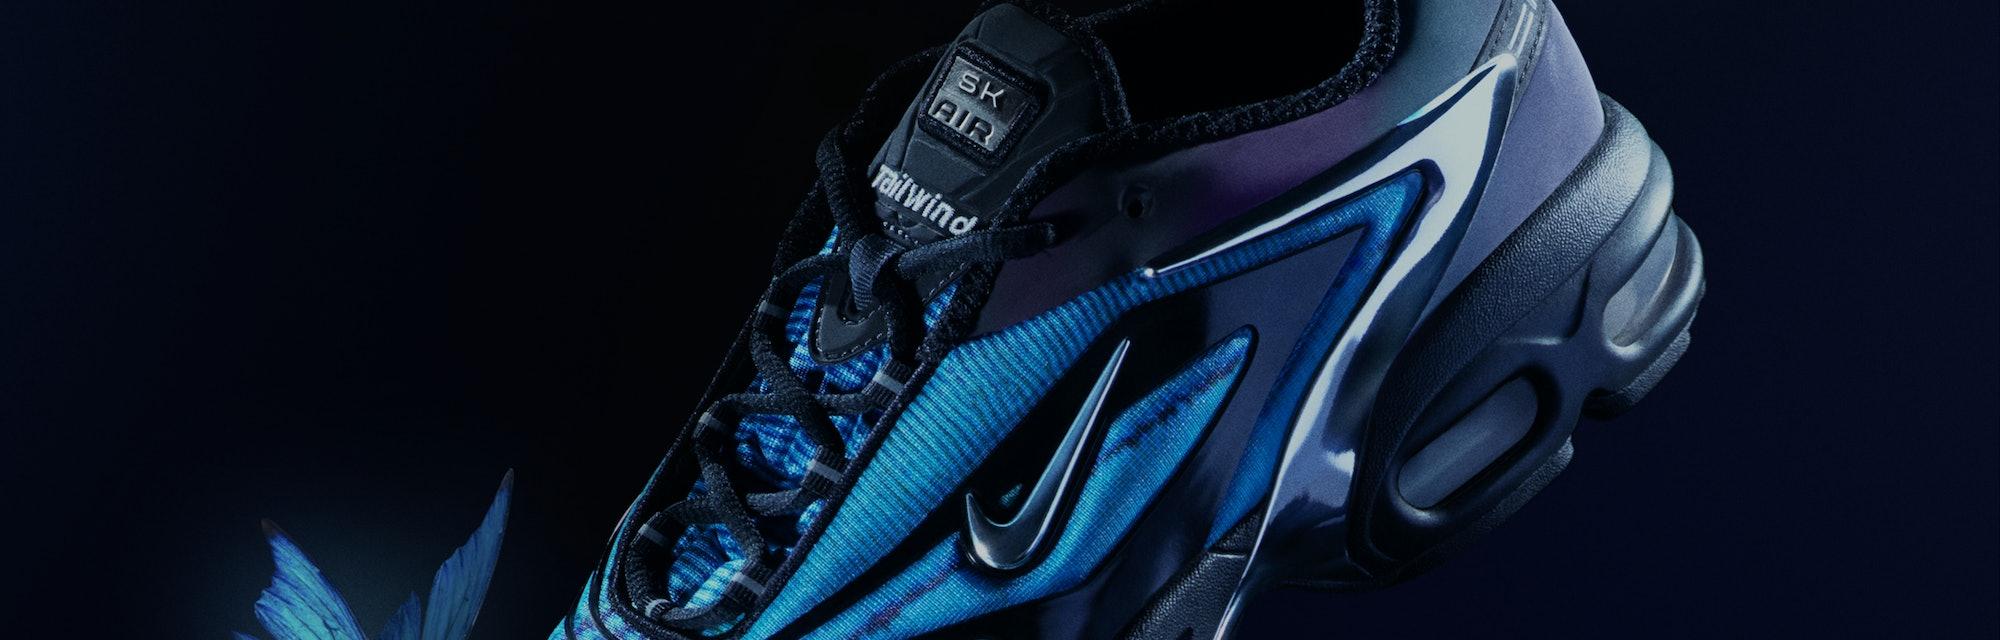 Skepta Nike Tailwind V